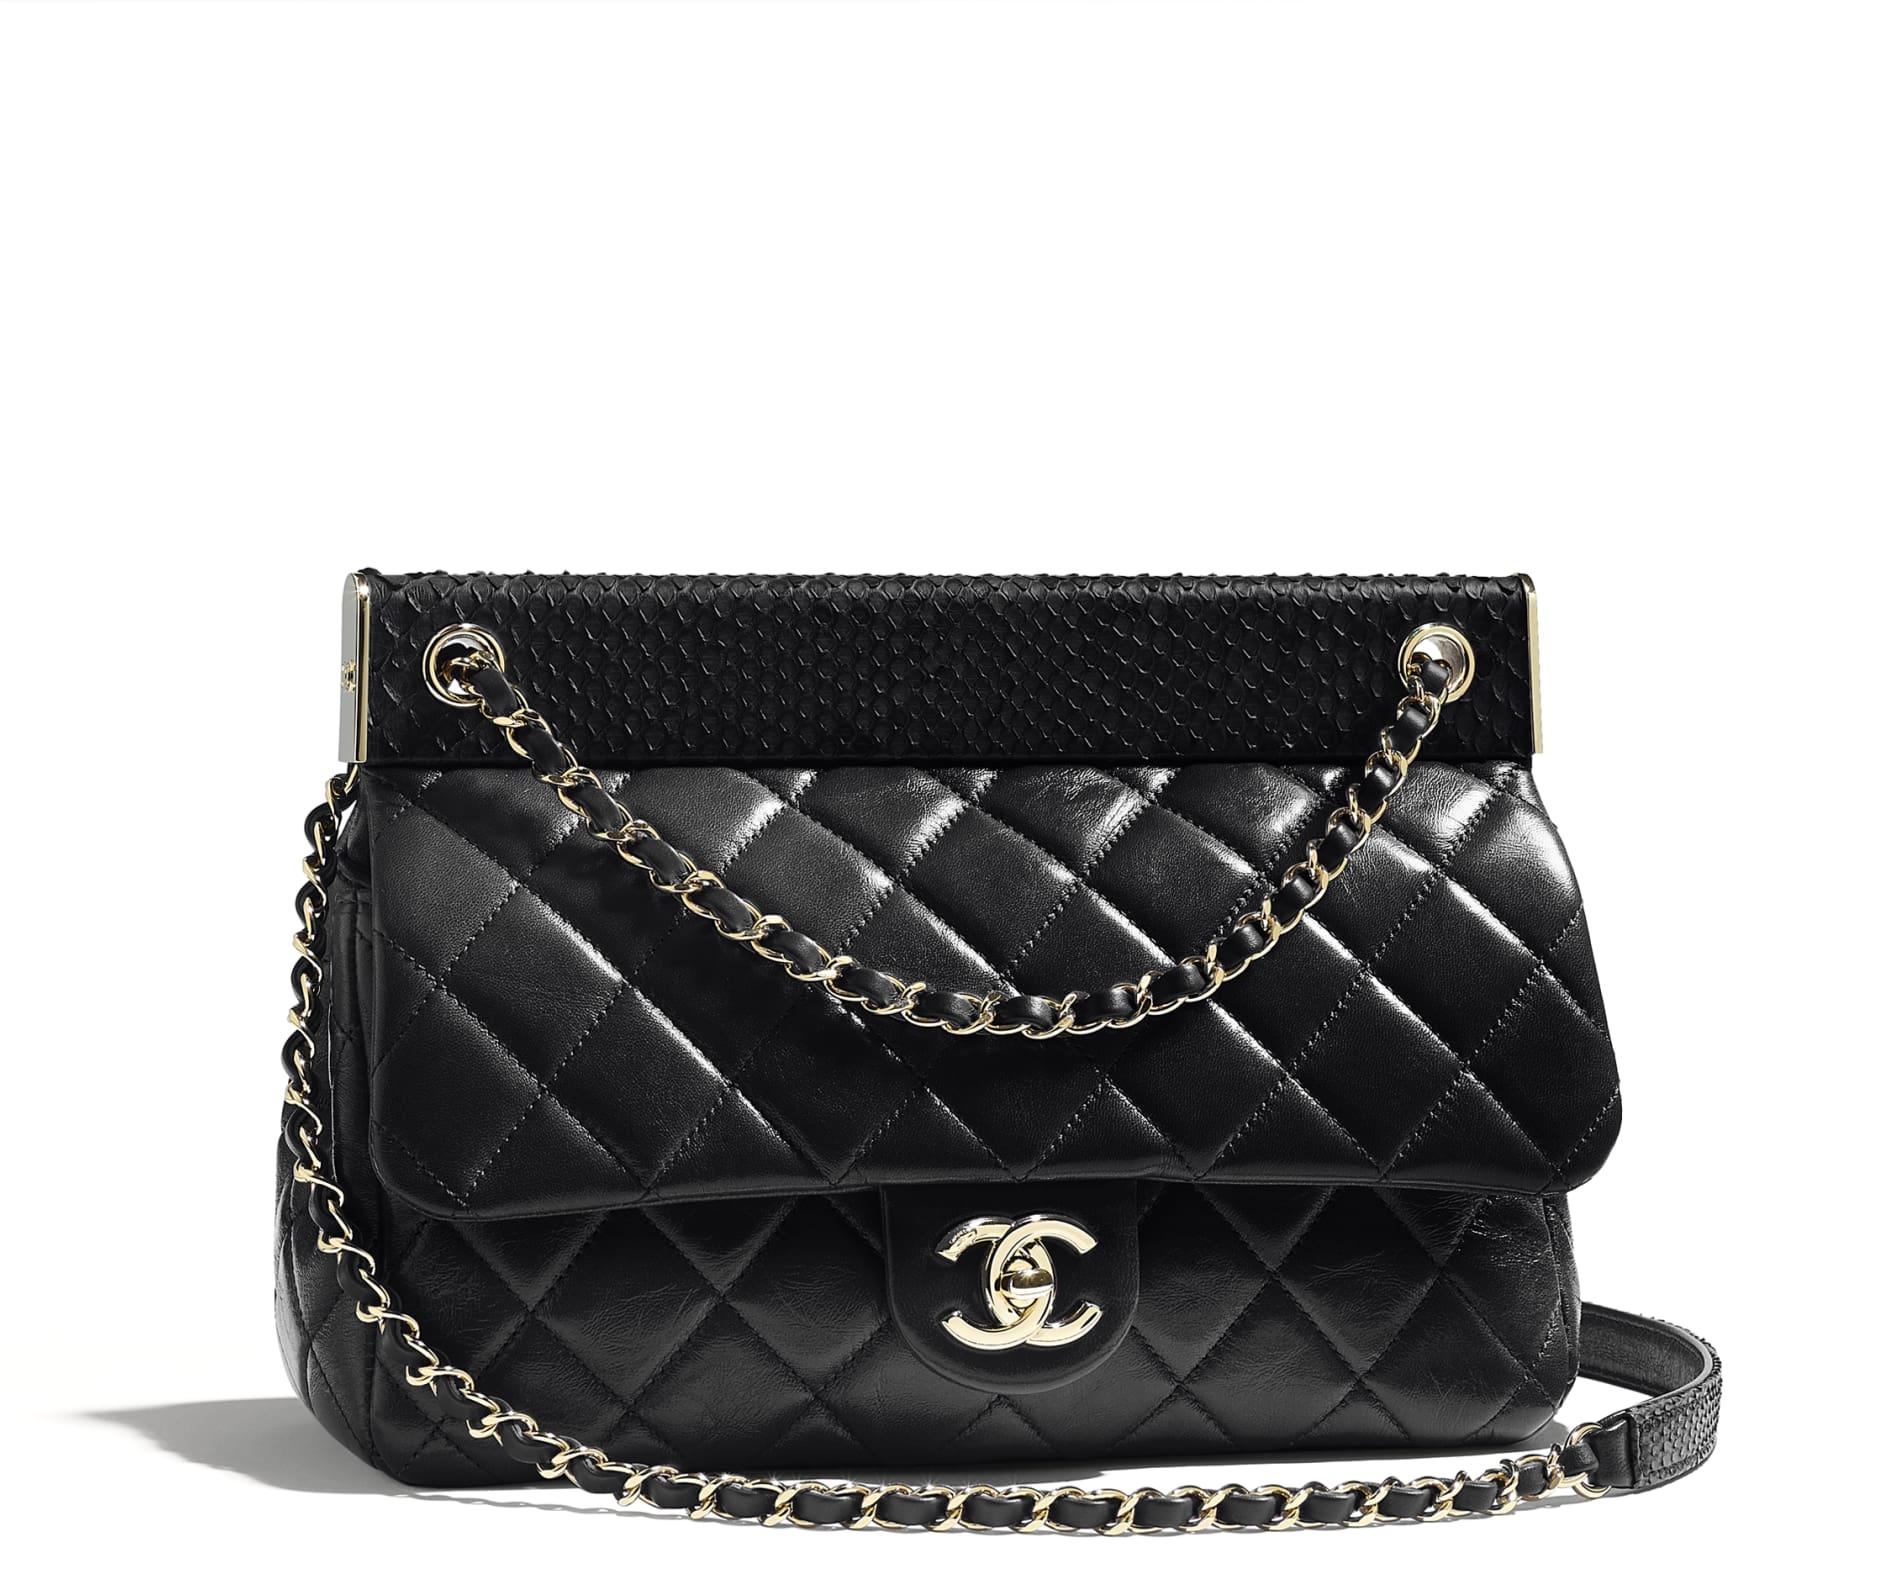 48cd9ae16d 12 borse Chanel da avere dalla collezione 2018-2019 Autunno/Inverno ...